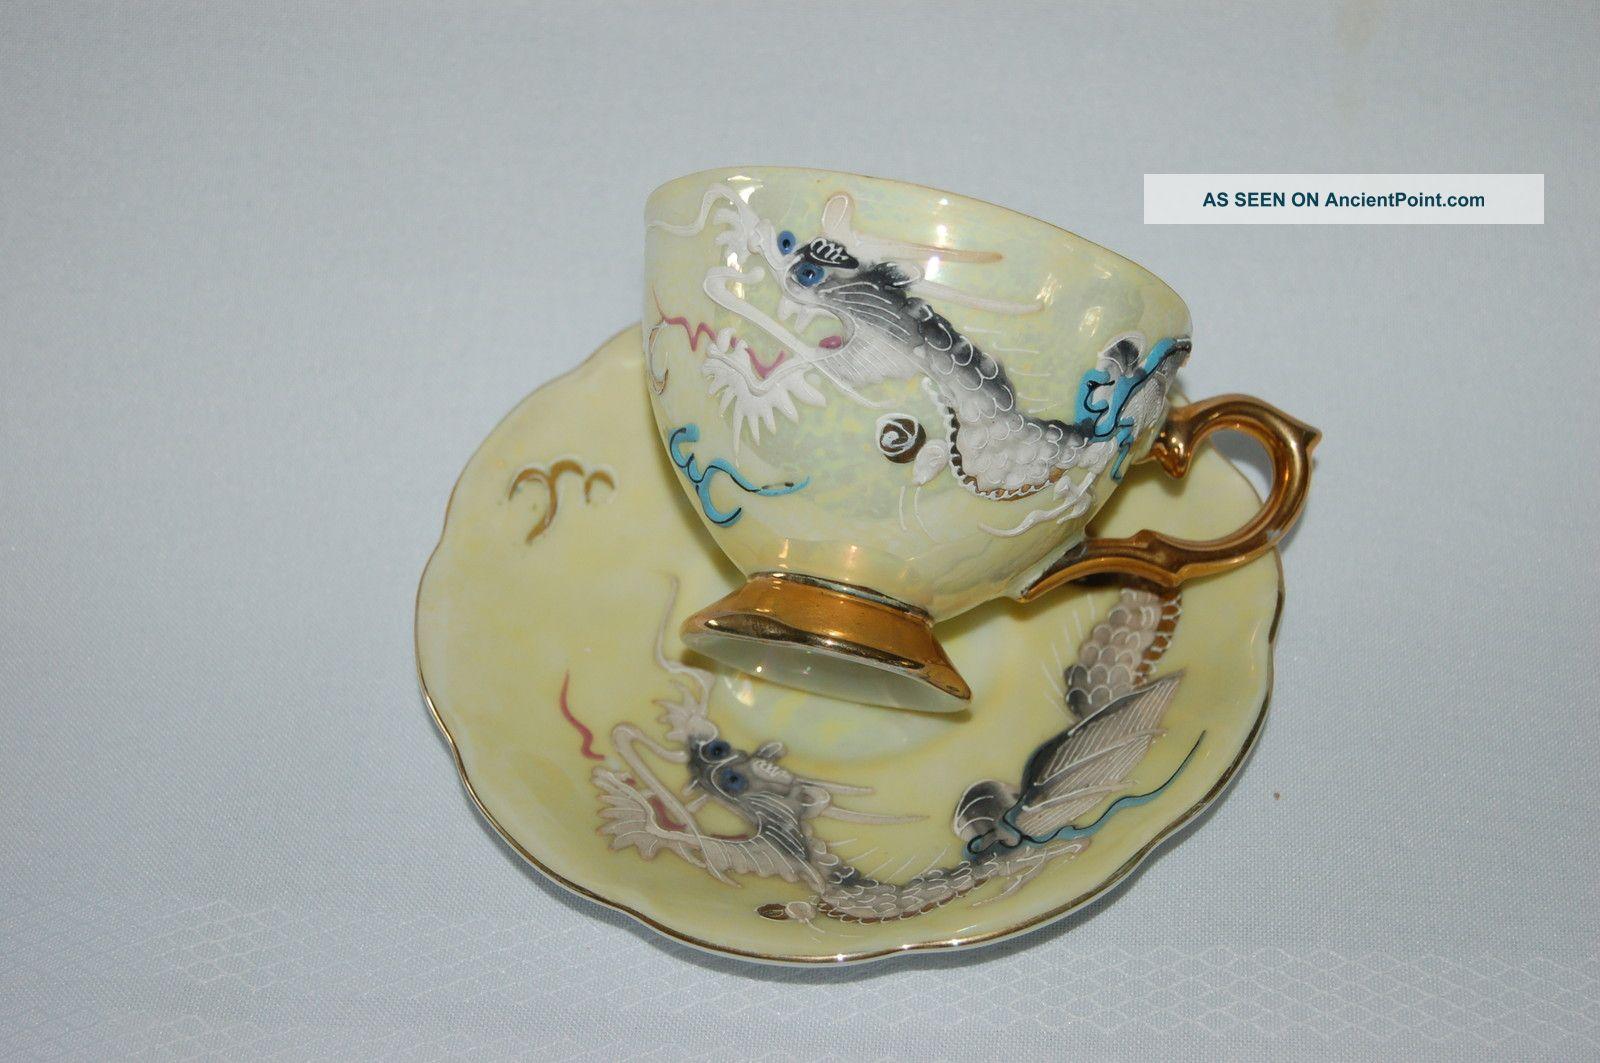 Antique Japanese Porcelain Tea Cups 2 Antique Shafford Tea Cup